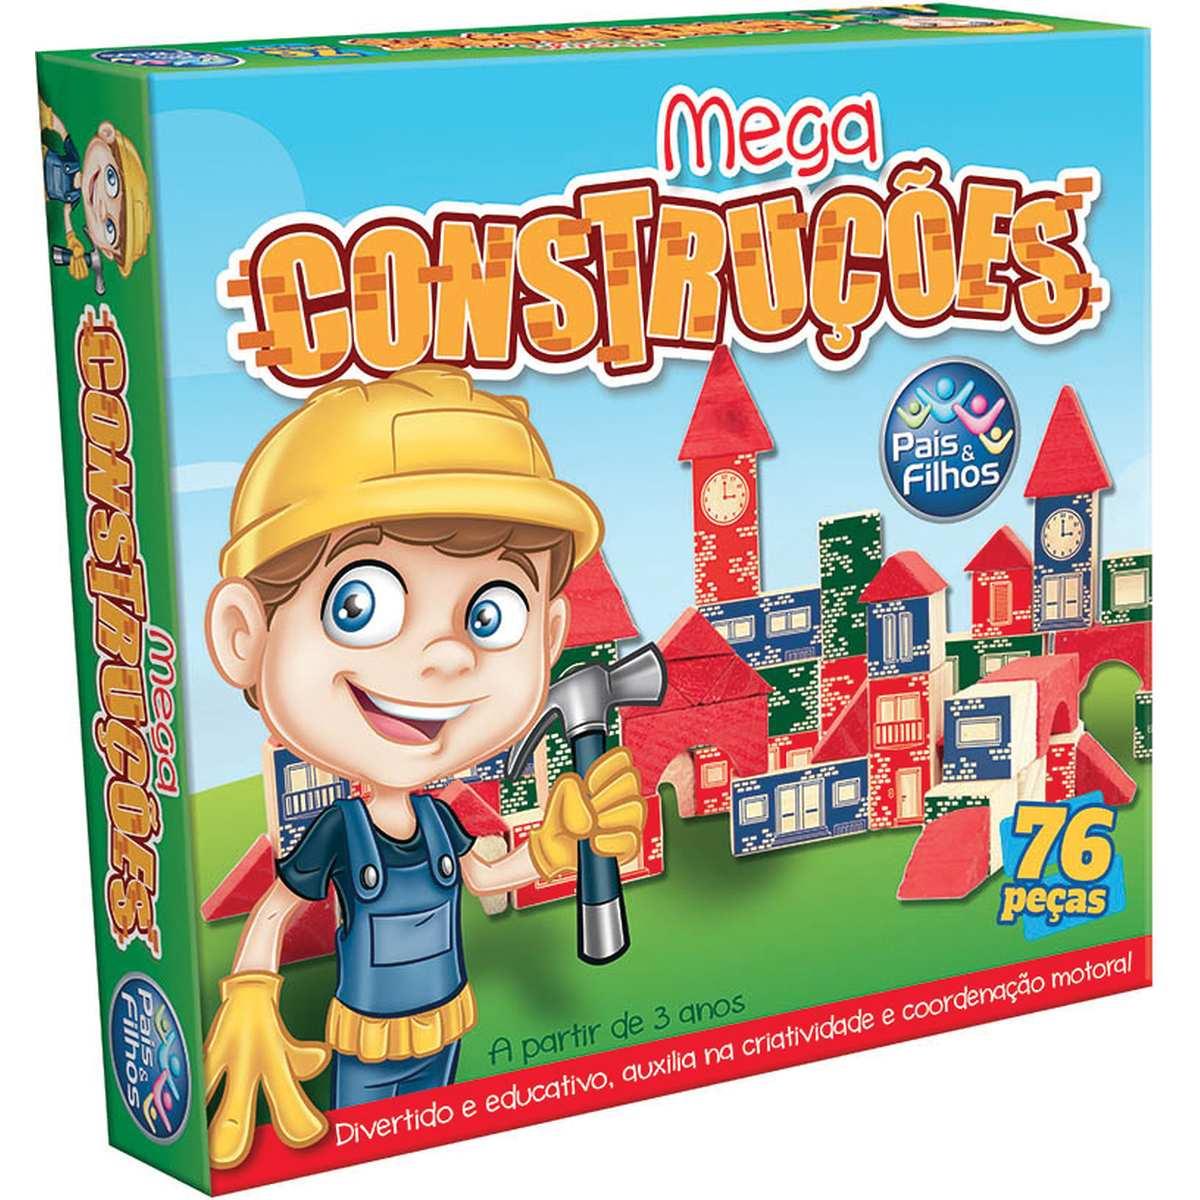 Brinquedo para Montar | Mega Construcoes 76 Pecas | Pais e Filhos